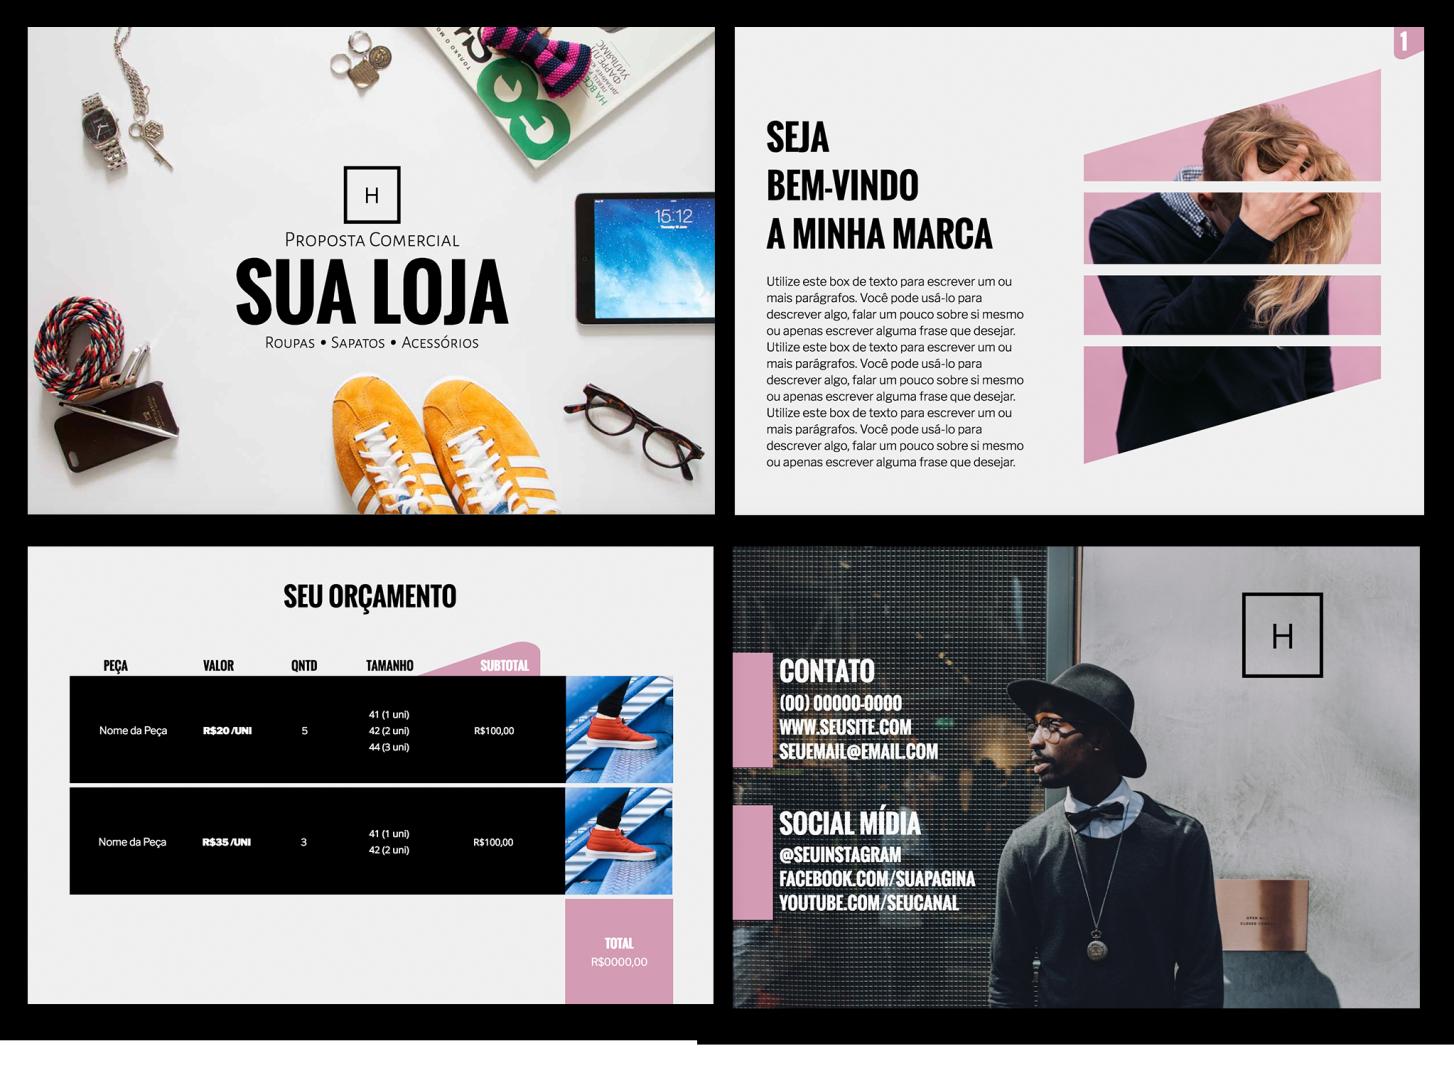 fashion store proposal - Proposta de prestação de serviços : 10 formatos e modelos que fecham vendas